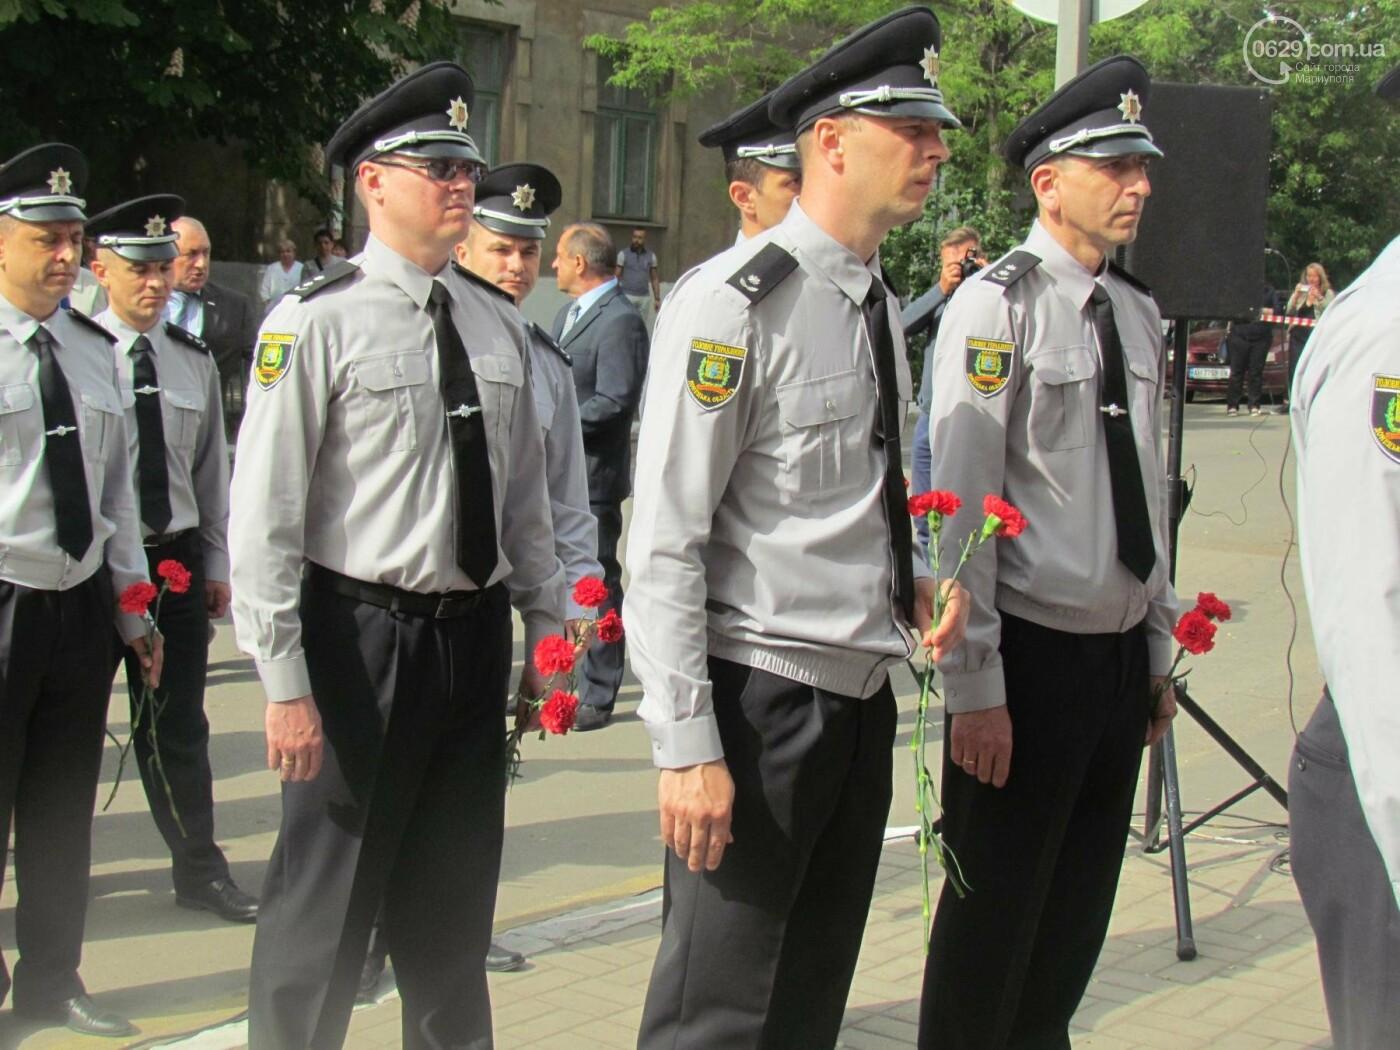 В Мариуполе почтили память патриотов, погибших 9 мая 2014 года  (ФОТОРЕПОРТАЖ+ВИДЕО), фото-9